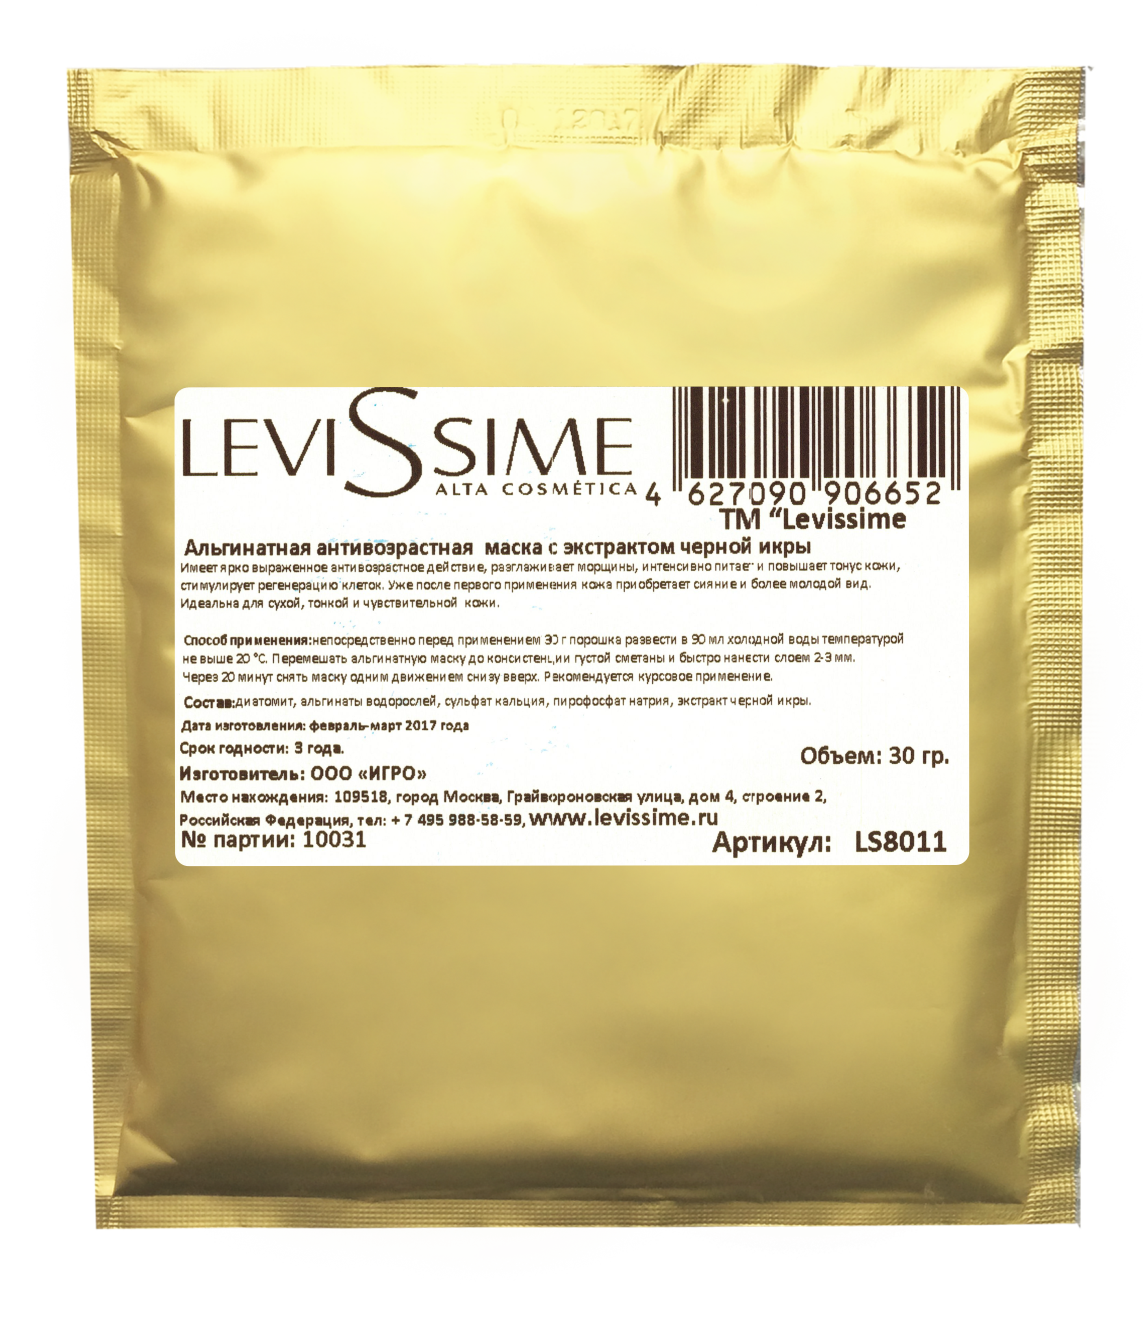 LEVISSIME Маска альгинатная антивозрастная с экстрактом черной икры 30 г  - Купить